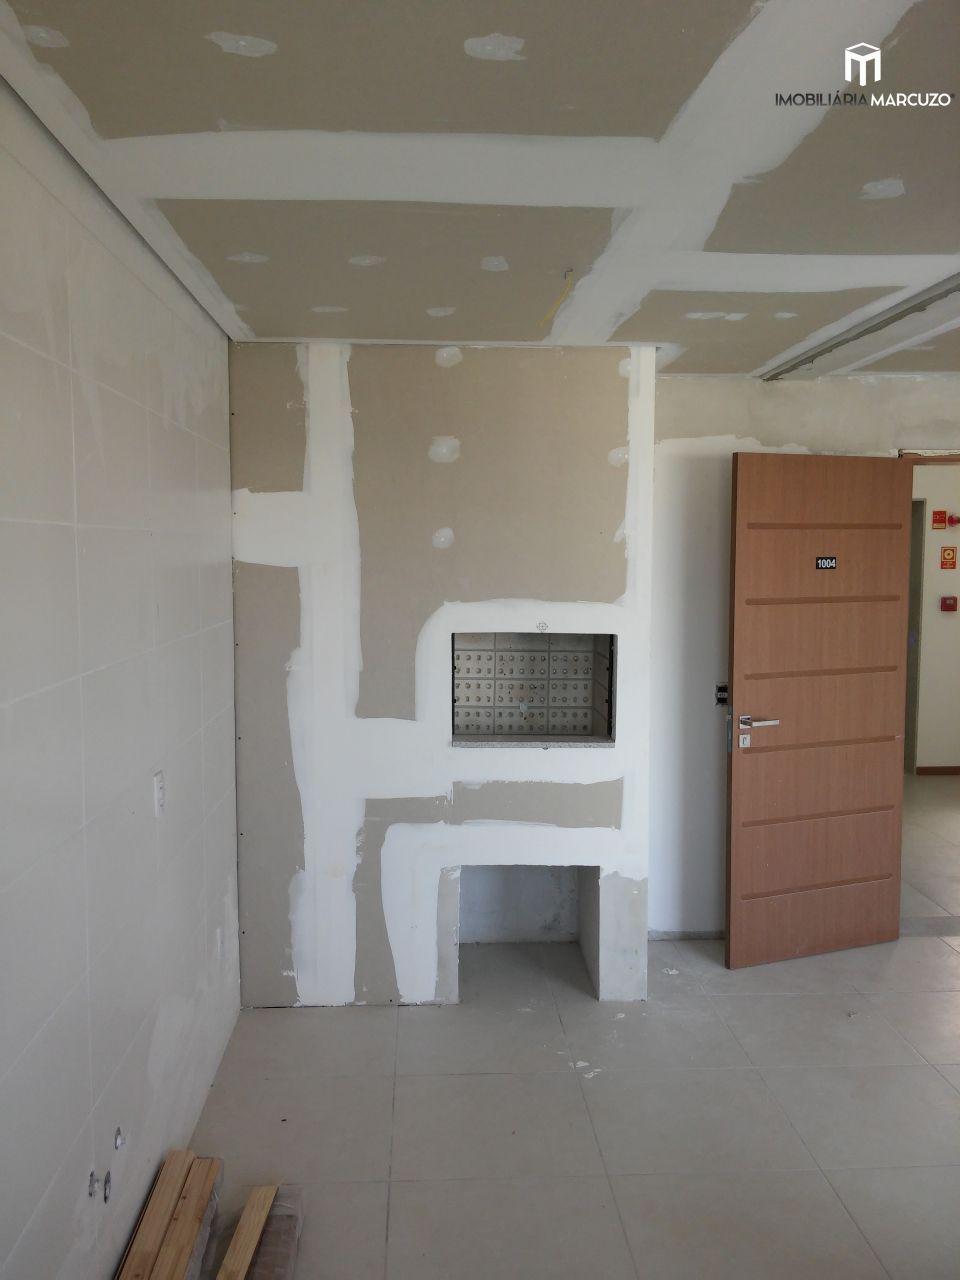 Apartamento com 2 Dormitórios à venda, 60 m² por R$ 330.000,00